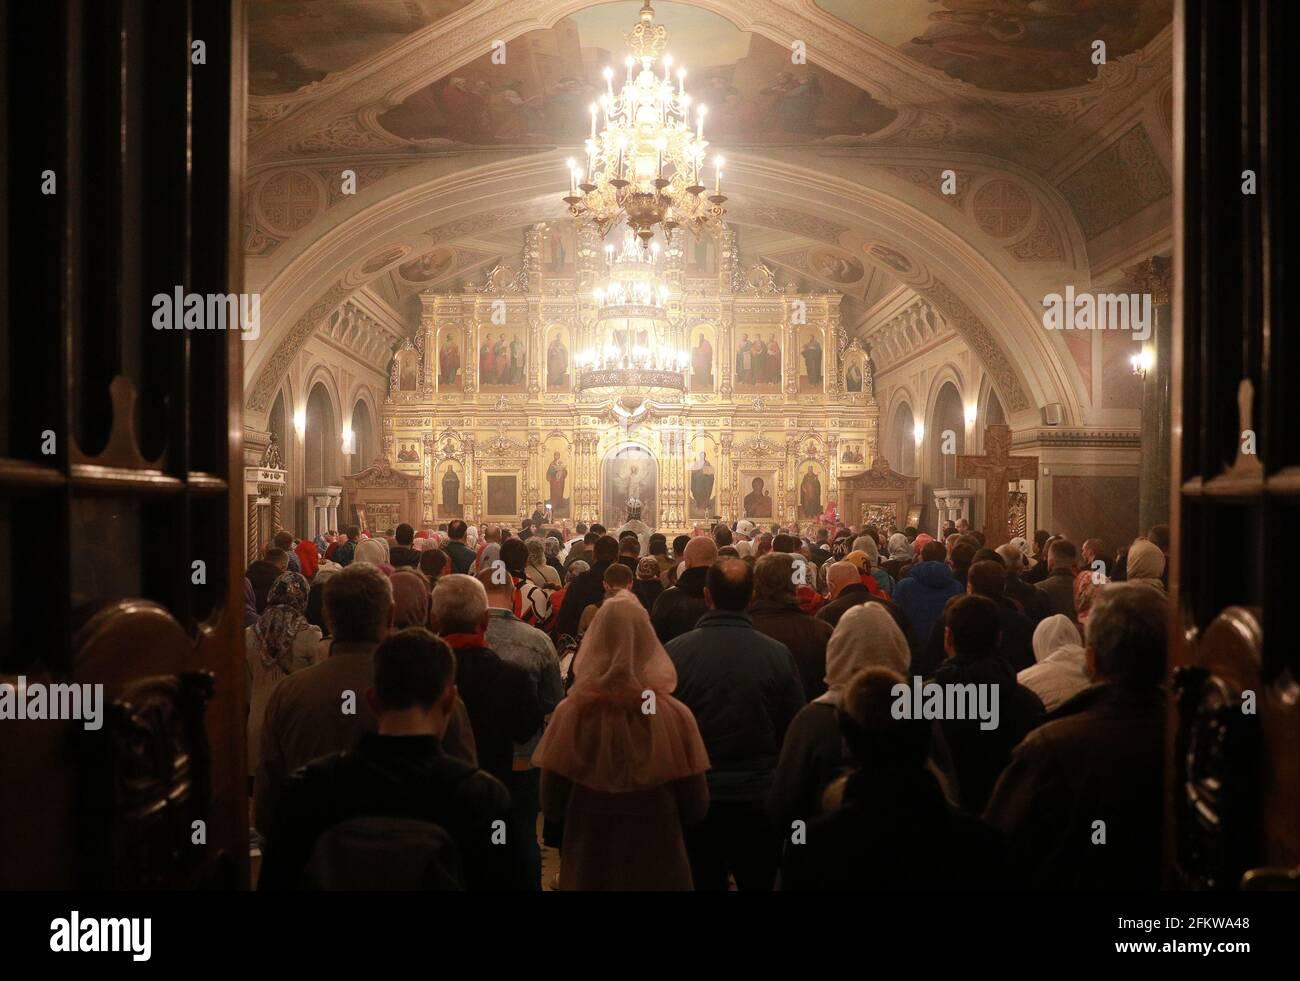 Rjasan, Russland. Mai 2021. Die russisch-orthodoxen Gläubigen nehmen an einer Osterliturgie in der Geburtskirche Christi Teil. In diesem Jahr feiert die russisch-orthodoxe Kirche Ostern am 2. Mai. Quelle: Alexander Ryumin/TASS/Alamy Live News Stockfoto